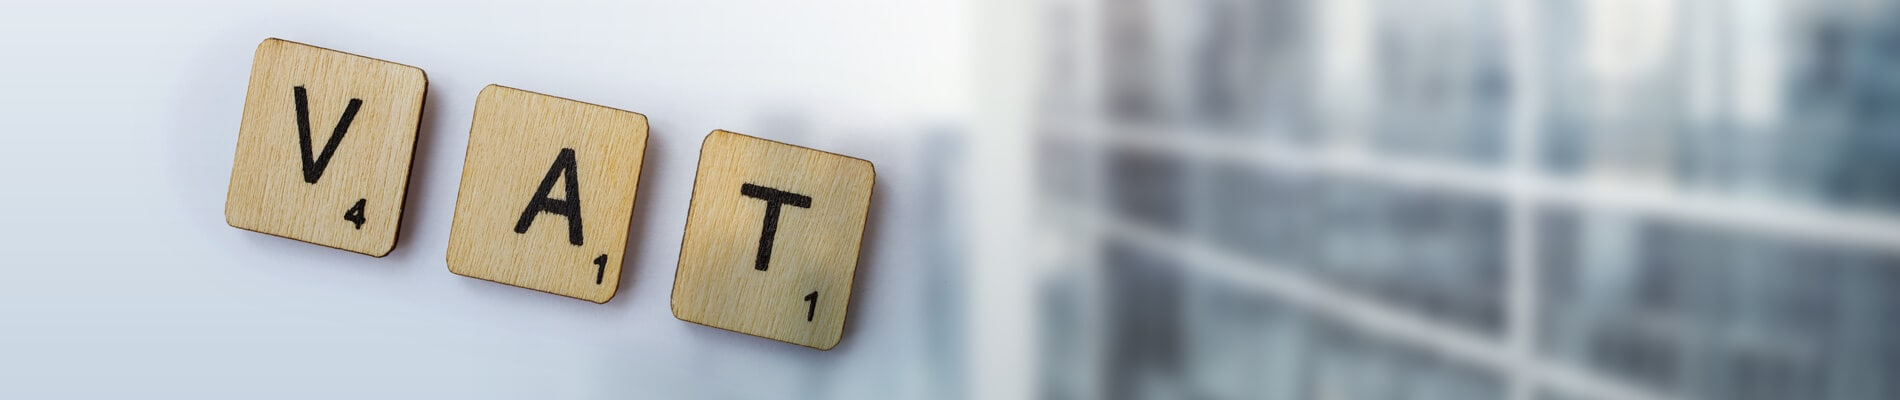 Zmiany w podatku VAT w 2019 i 2020 r.